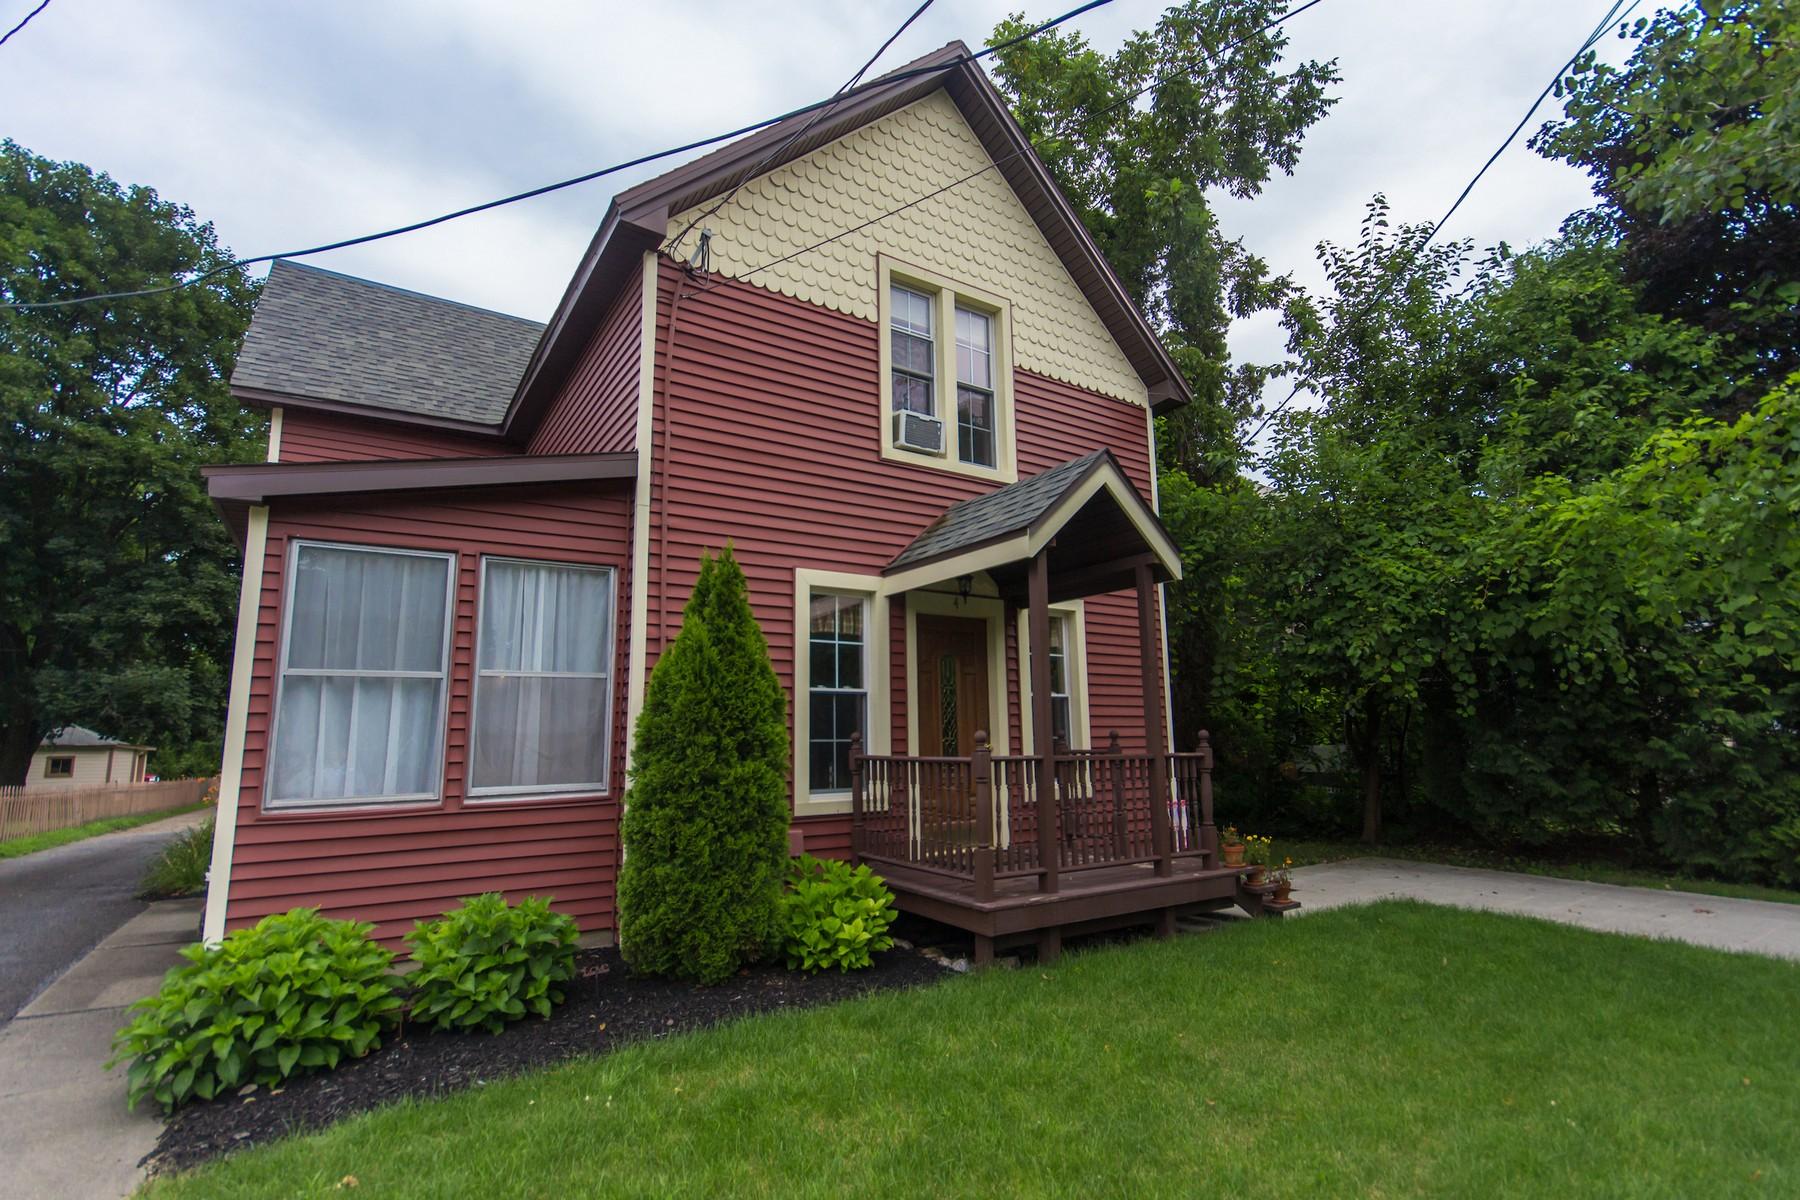 Maison unifamiliale pour l Vente à Quaint Home Full of Charm 4 Mowry Av Greenwich, New York 12834 États-Unis